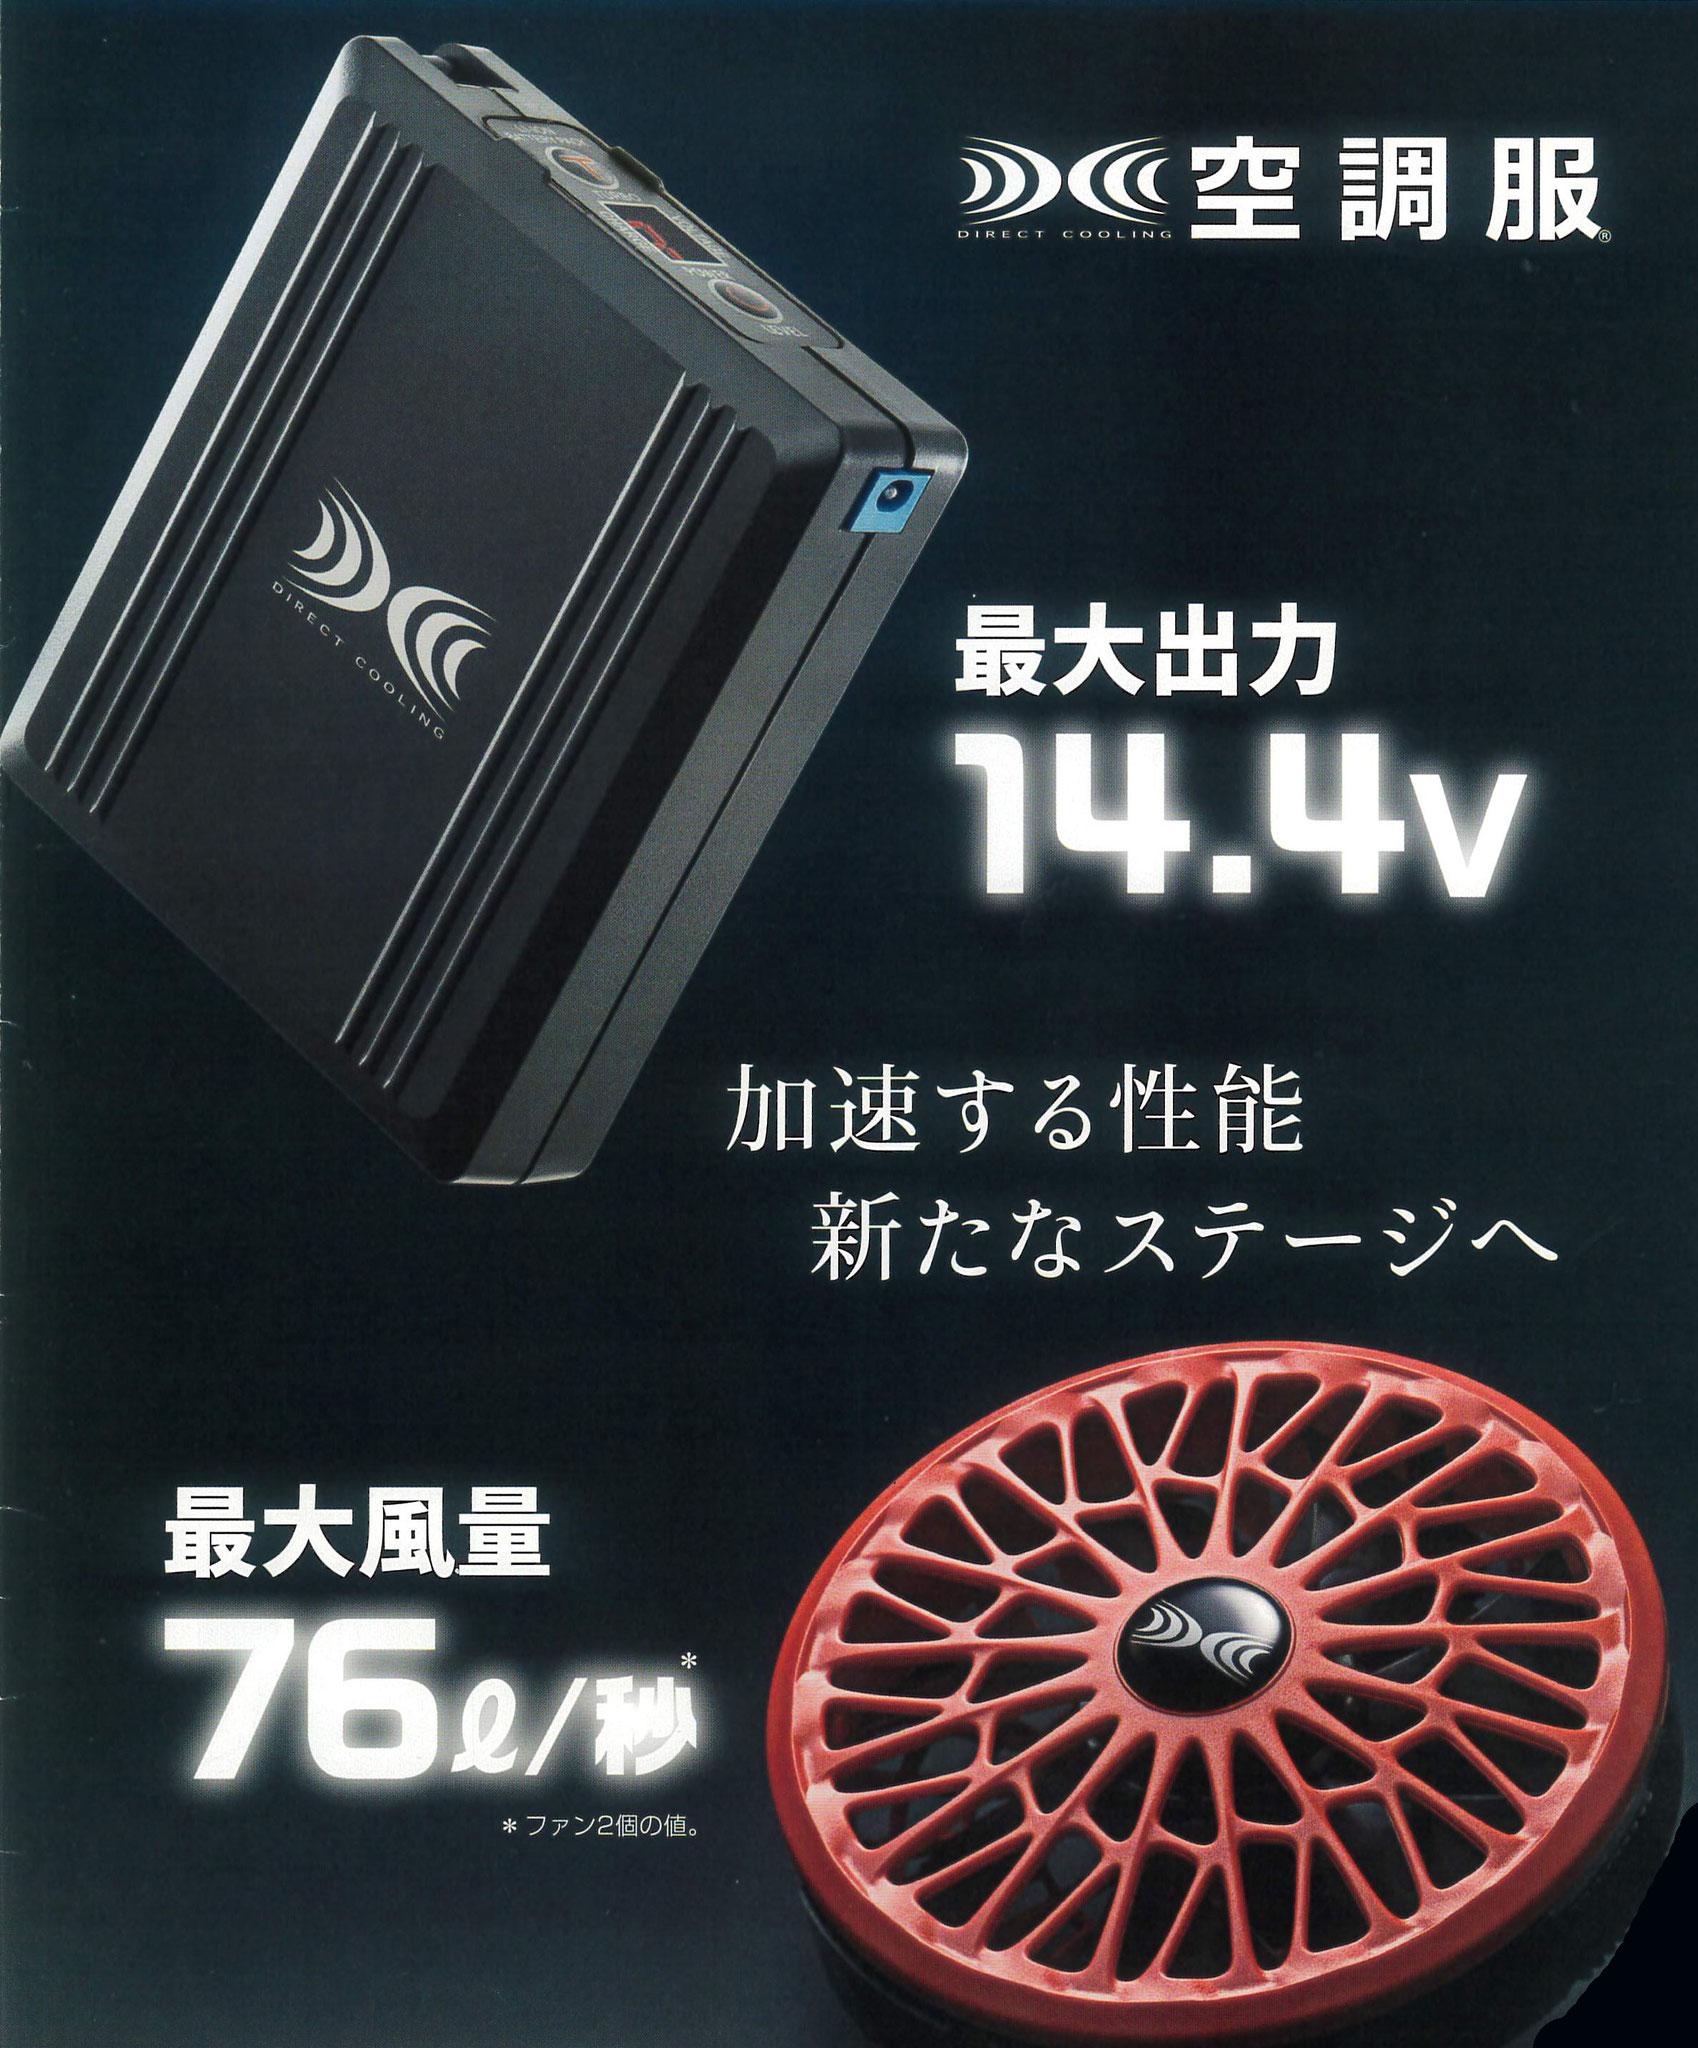 (株)空調服  14.4V 空調機器 ¥19,900(税込)